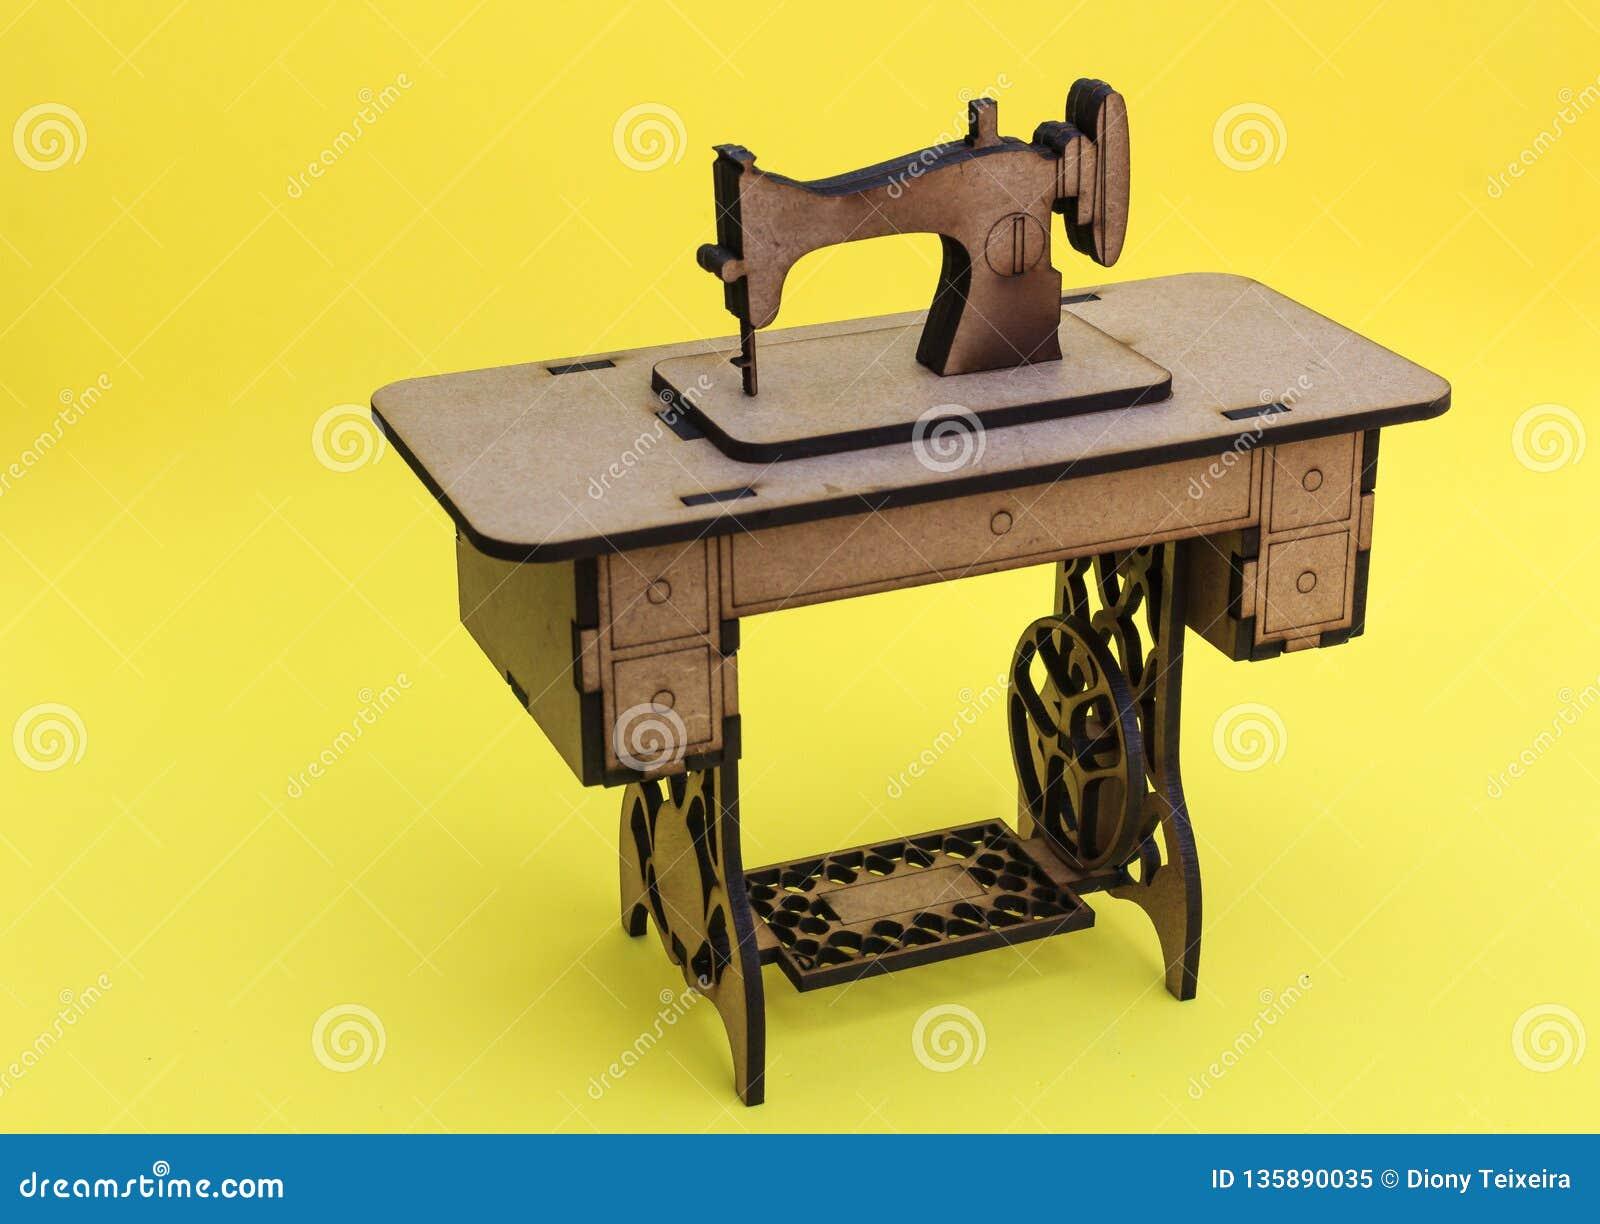 Mininähmaschine, hergestellt vom Holz, auf gelbem Hintergrund